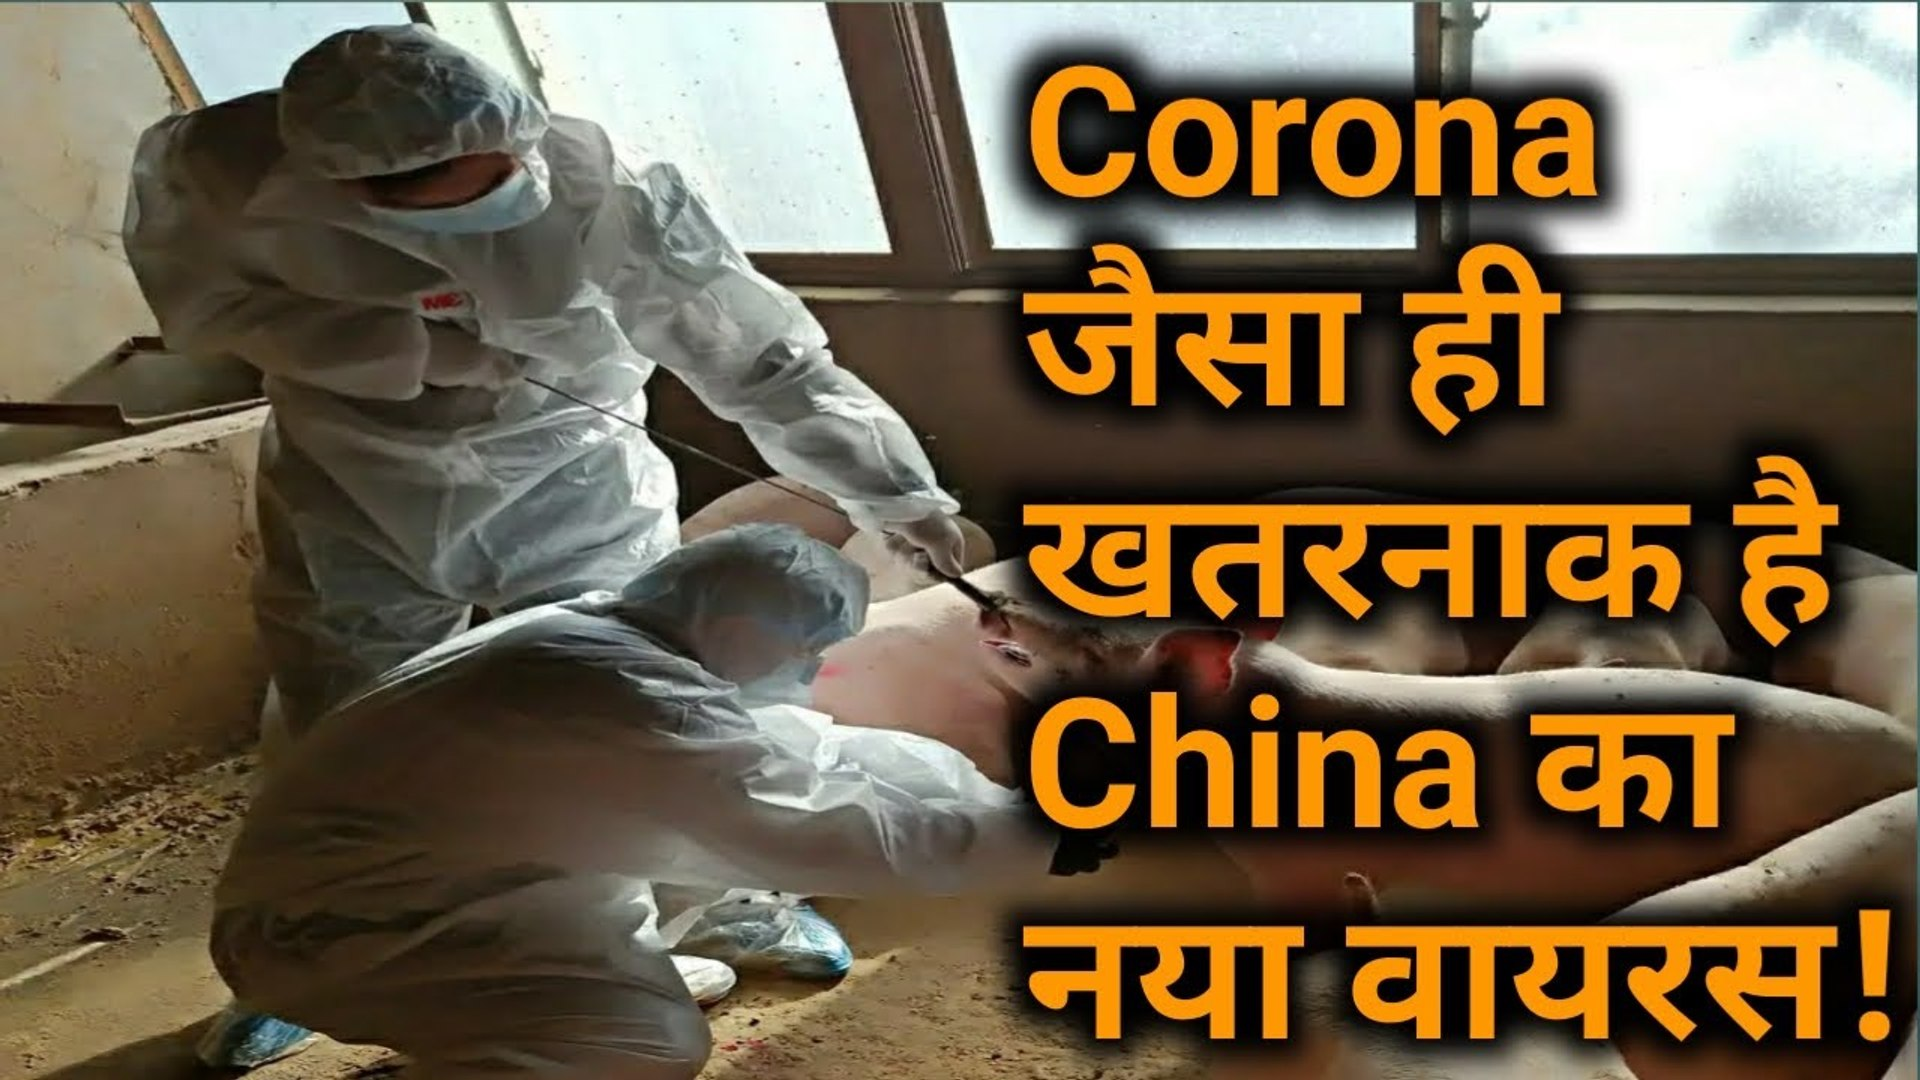 Corona संकट के बीच China में मिला नए तरह का Virus, वैज्ञानिकों की उड़ी नींद!